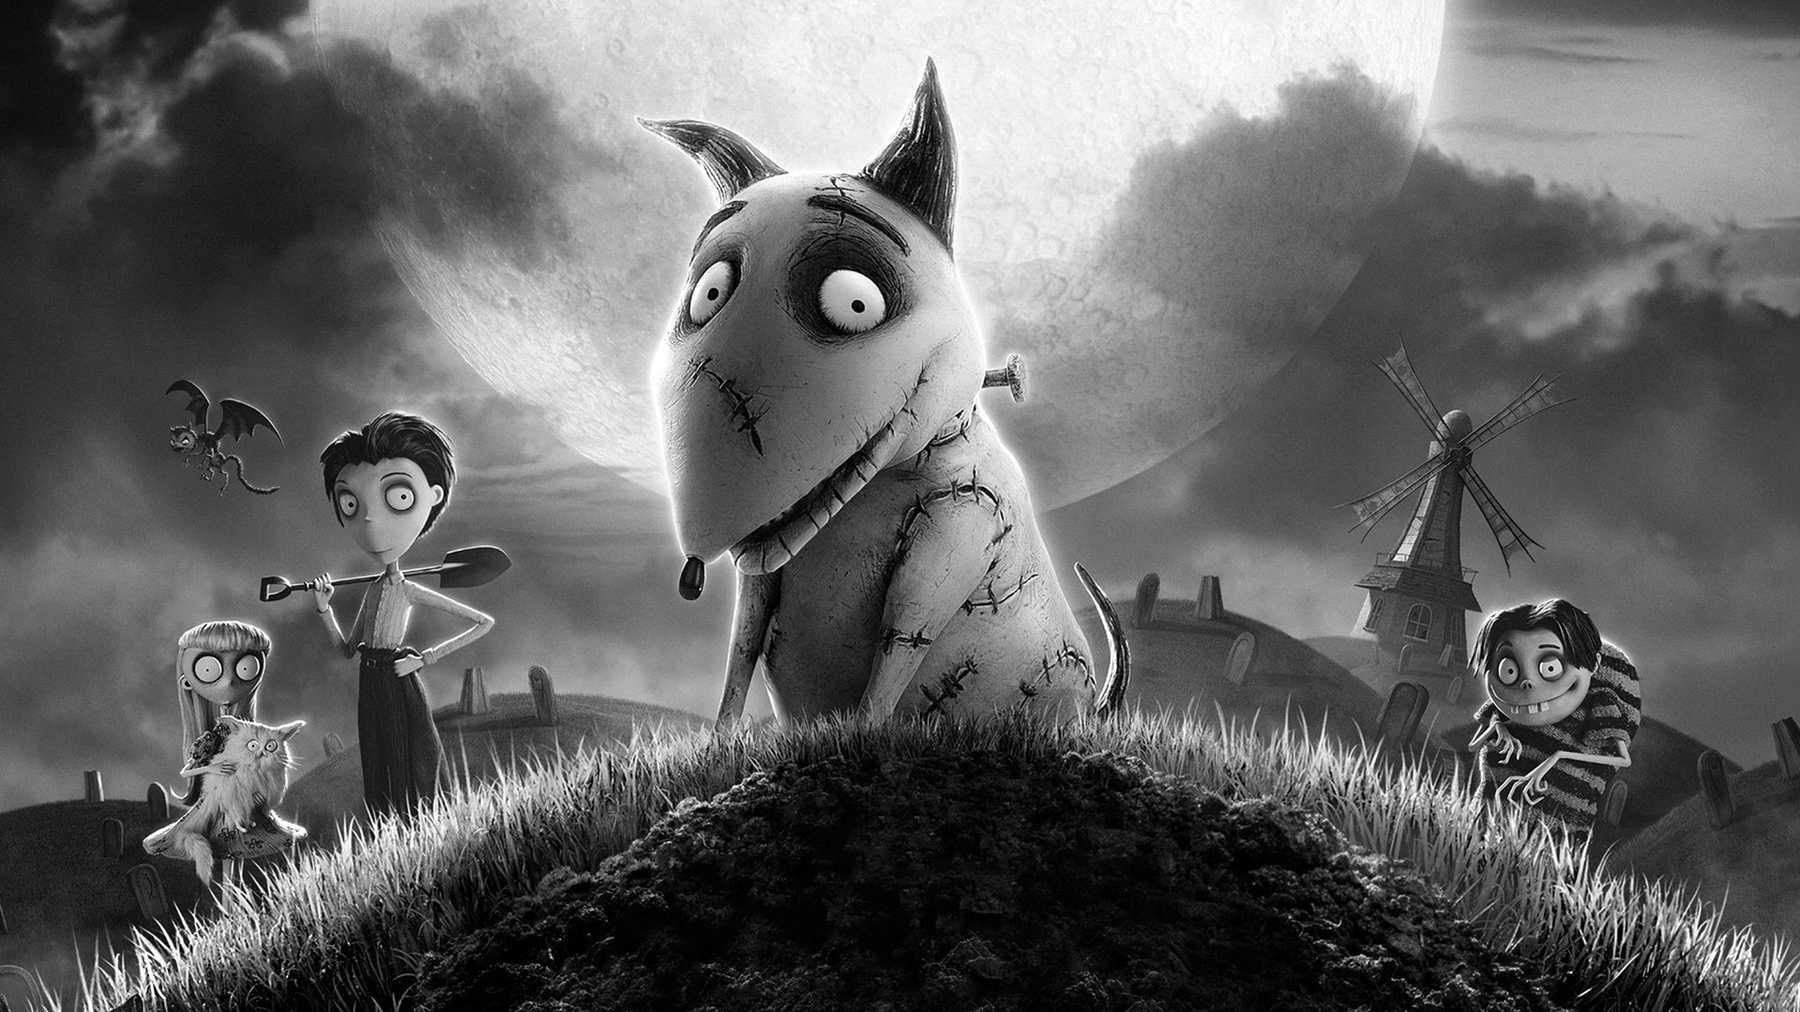 animované filmy Halloween - frankenweenie